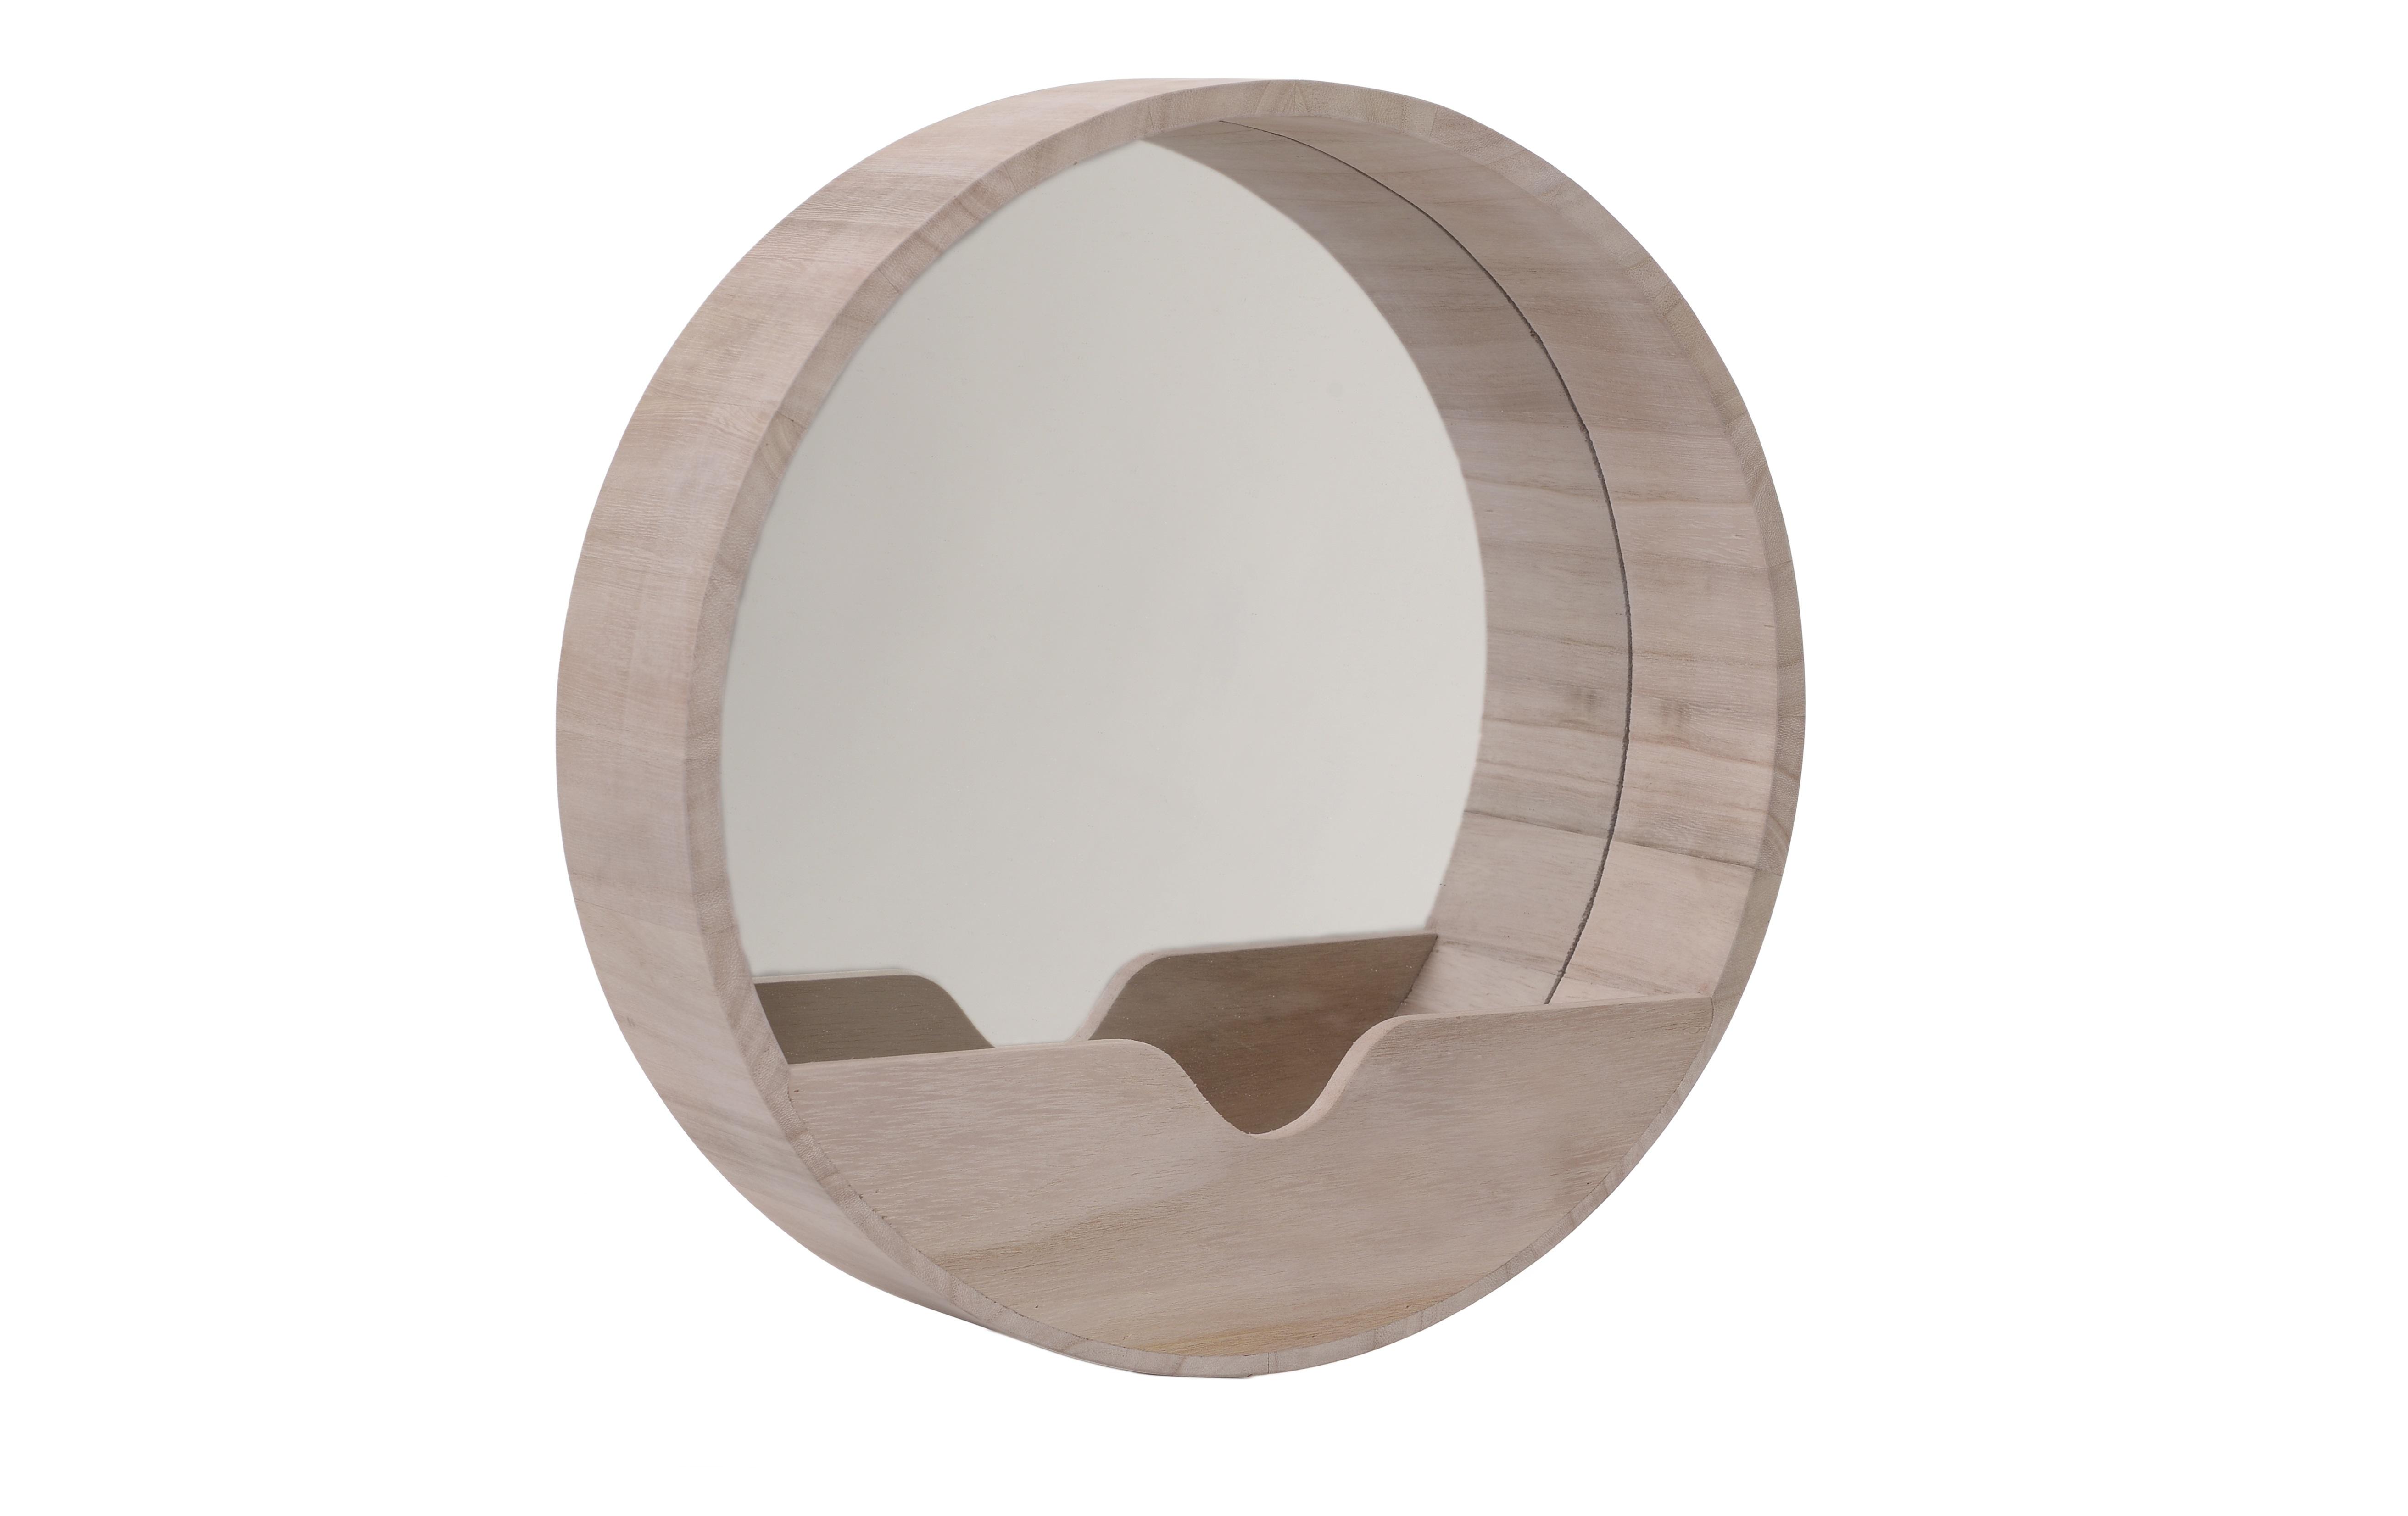 Зеркало настенное TrelleborgНастенные зеркала<br>Материал: дерево, стекло<br><br>Material: Дерево<br>Width см: 35<br>Depth см: 8<br>Height см: 35